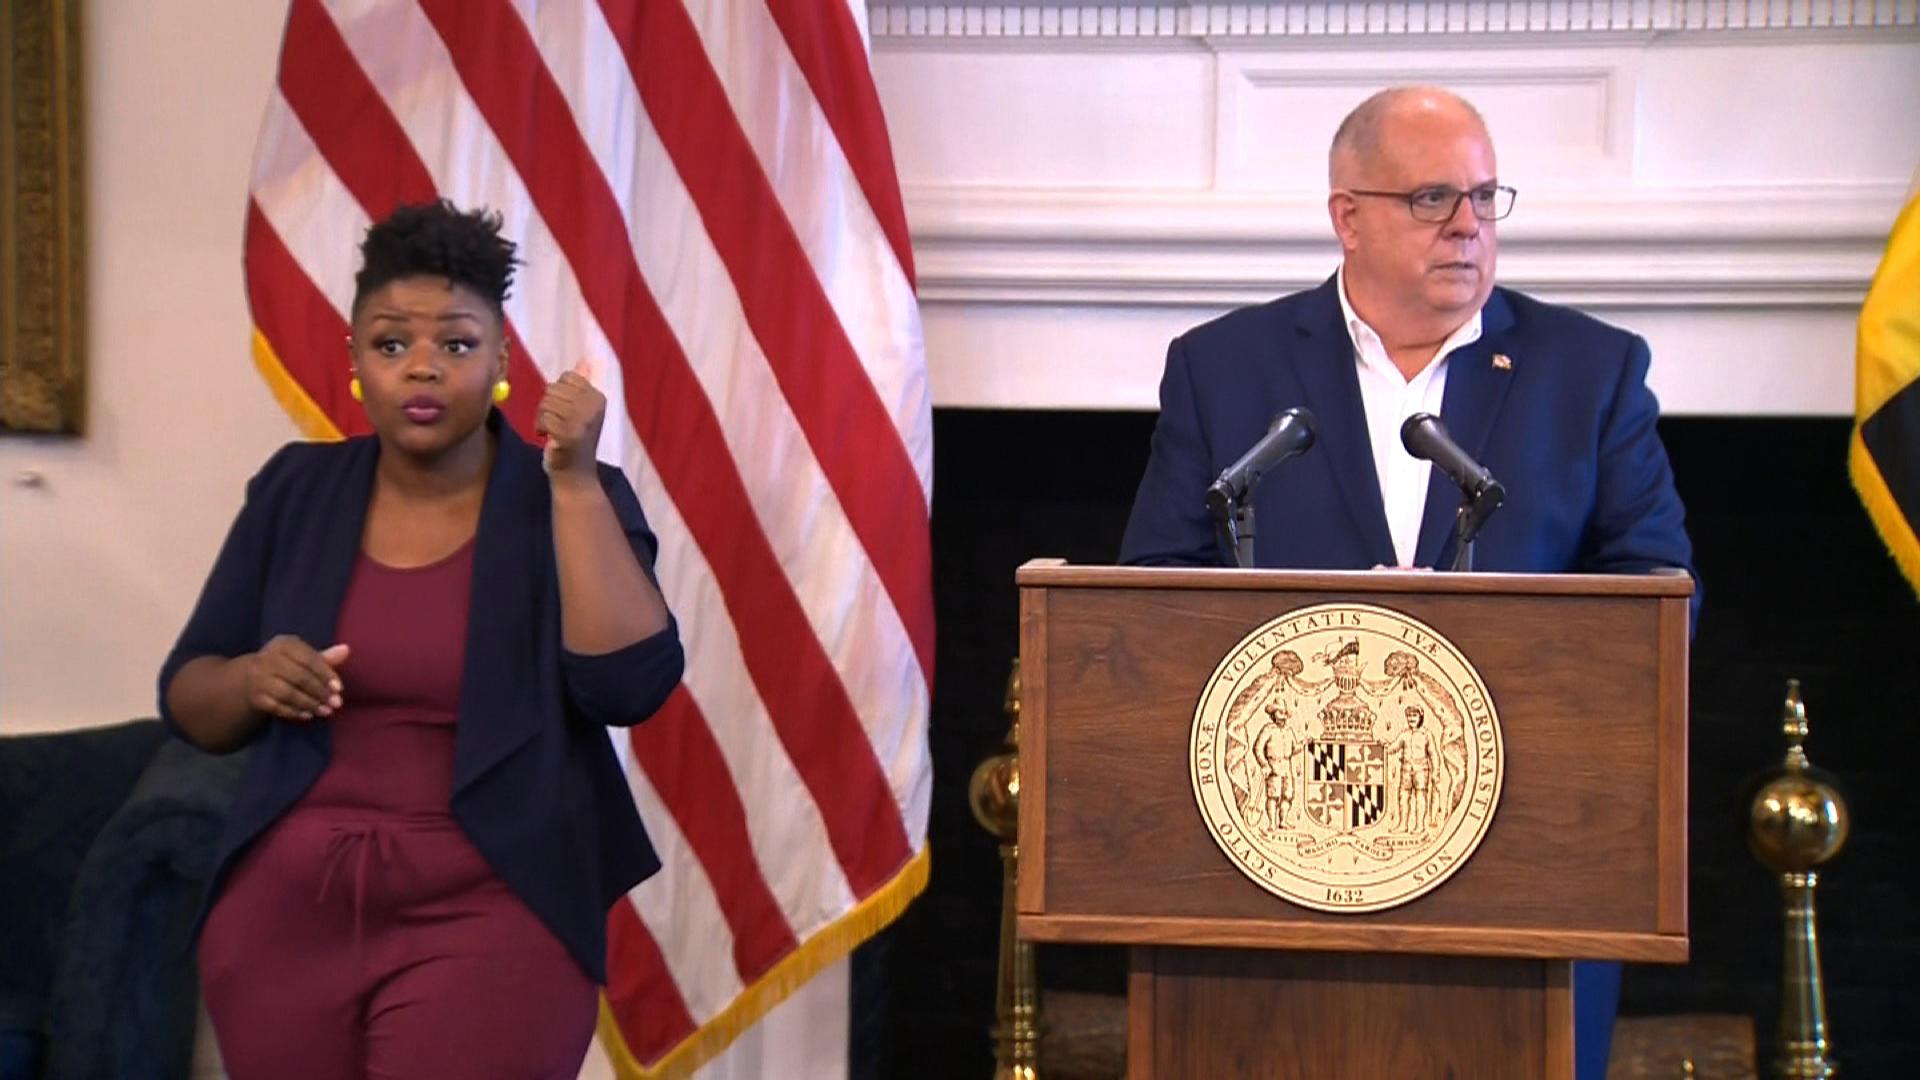 Maryland Gov. Larry Hogan speaks during a press conference on July 29.